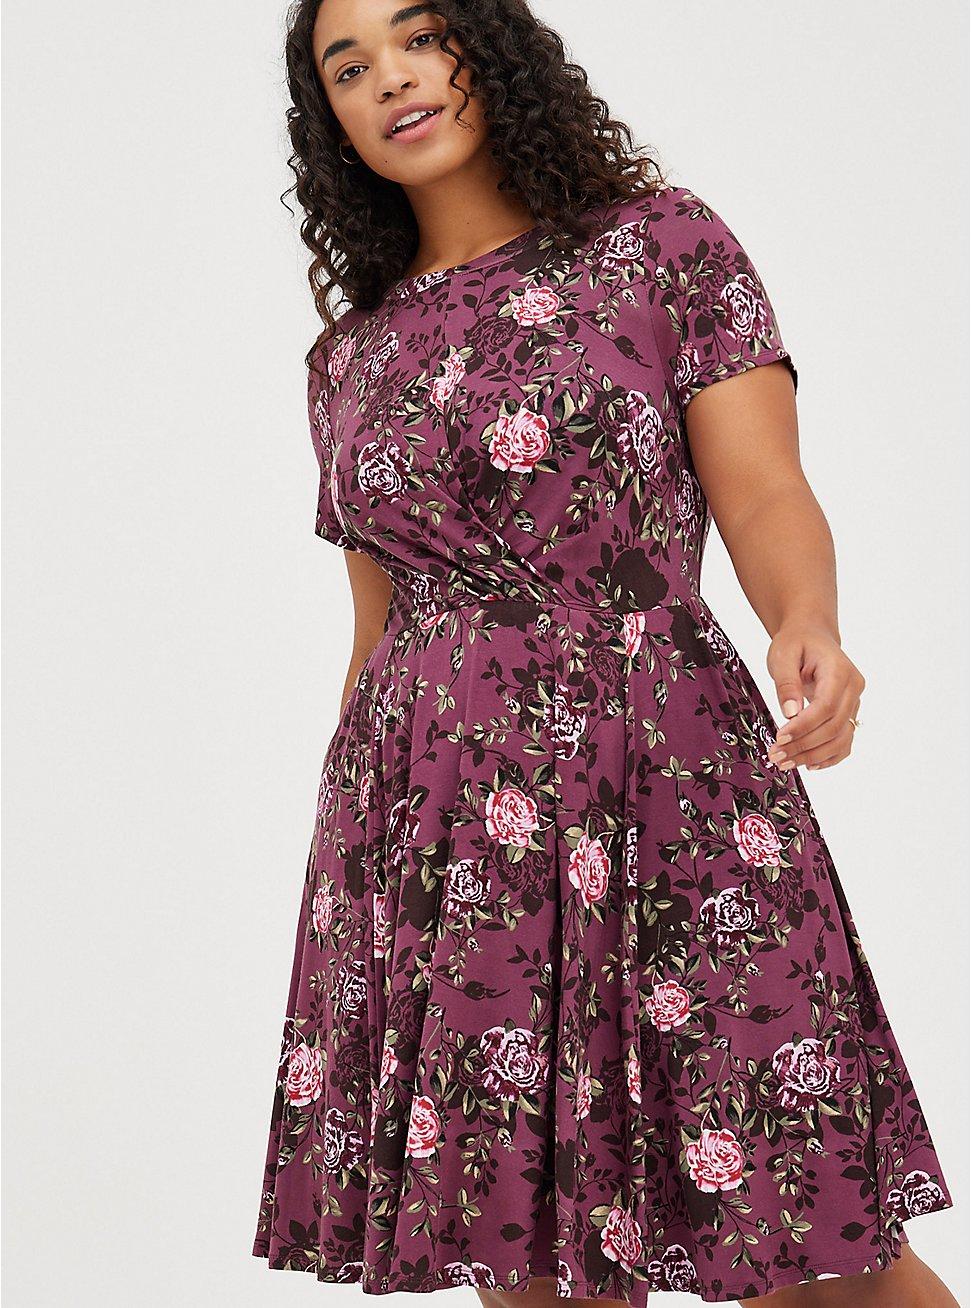 Drape Front Skater Dress - Super Soft Floral Purple, FLORAL - PURPLE, hi-res